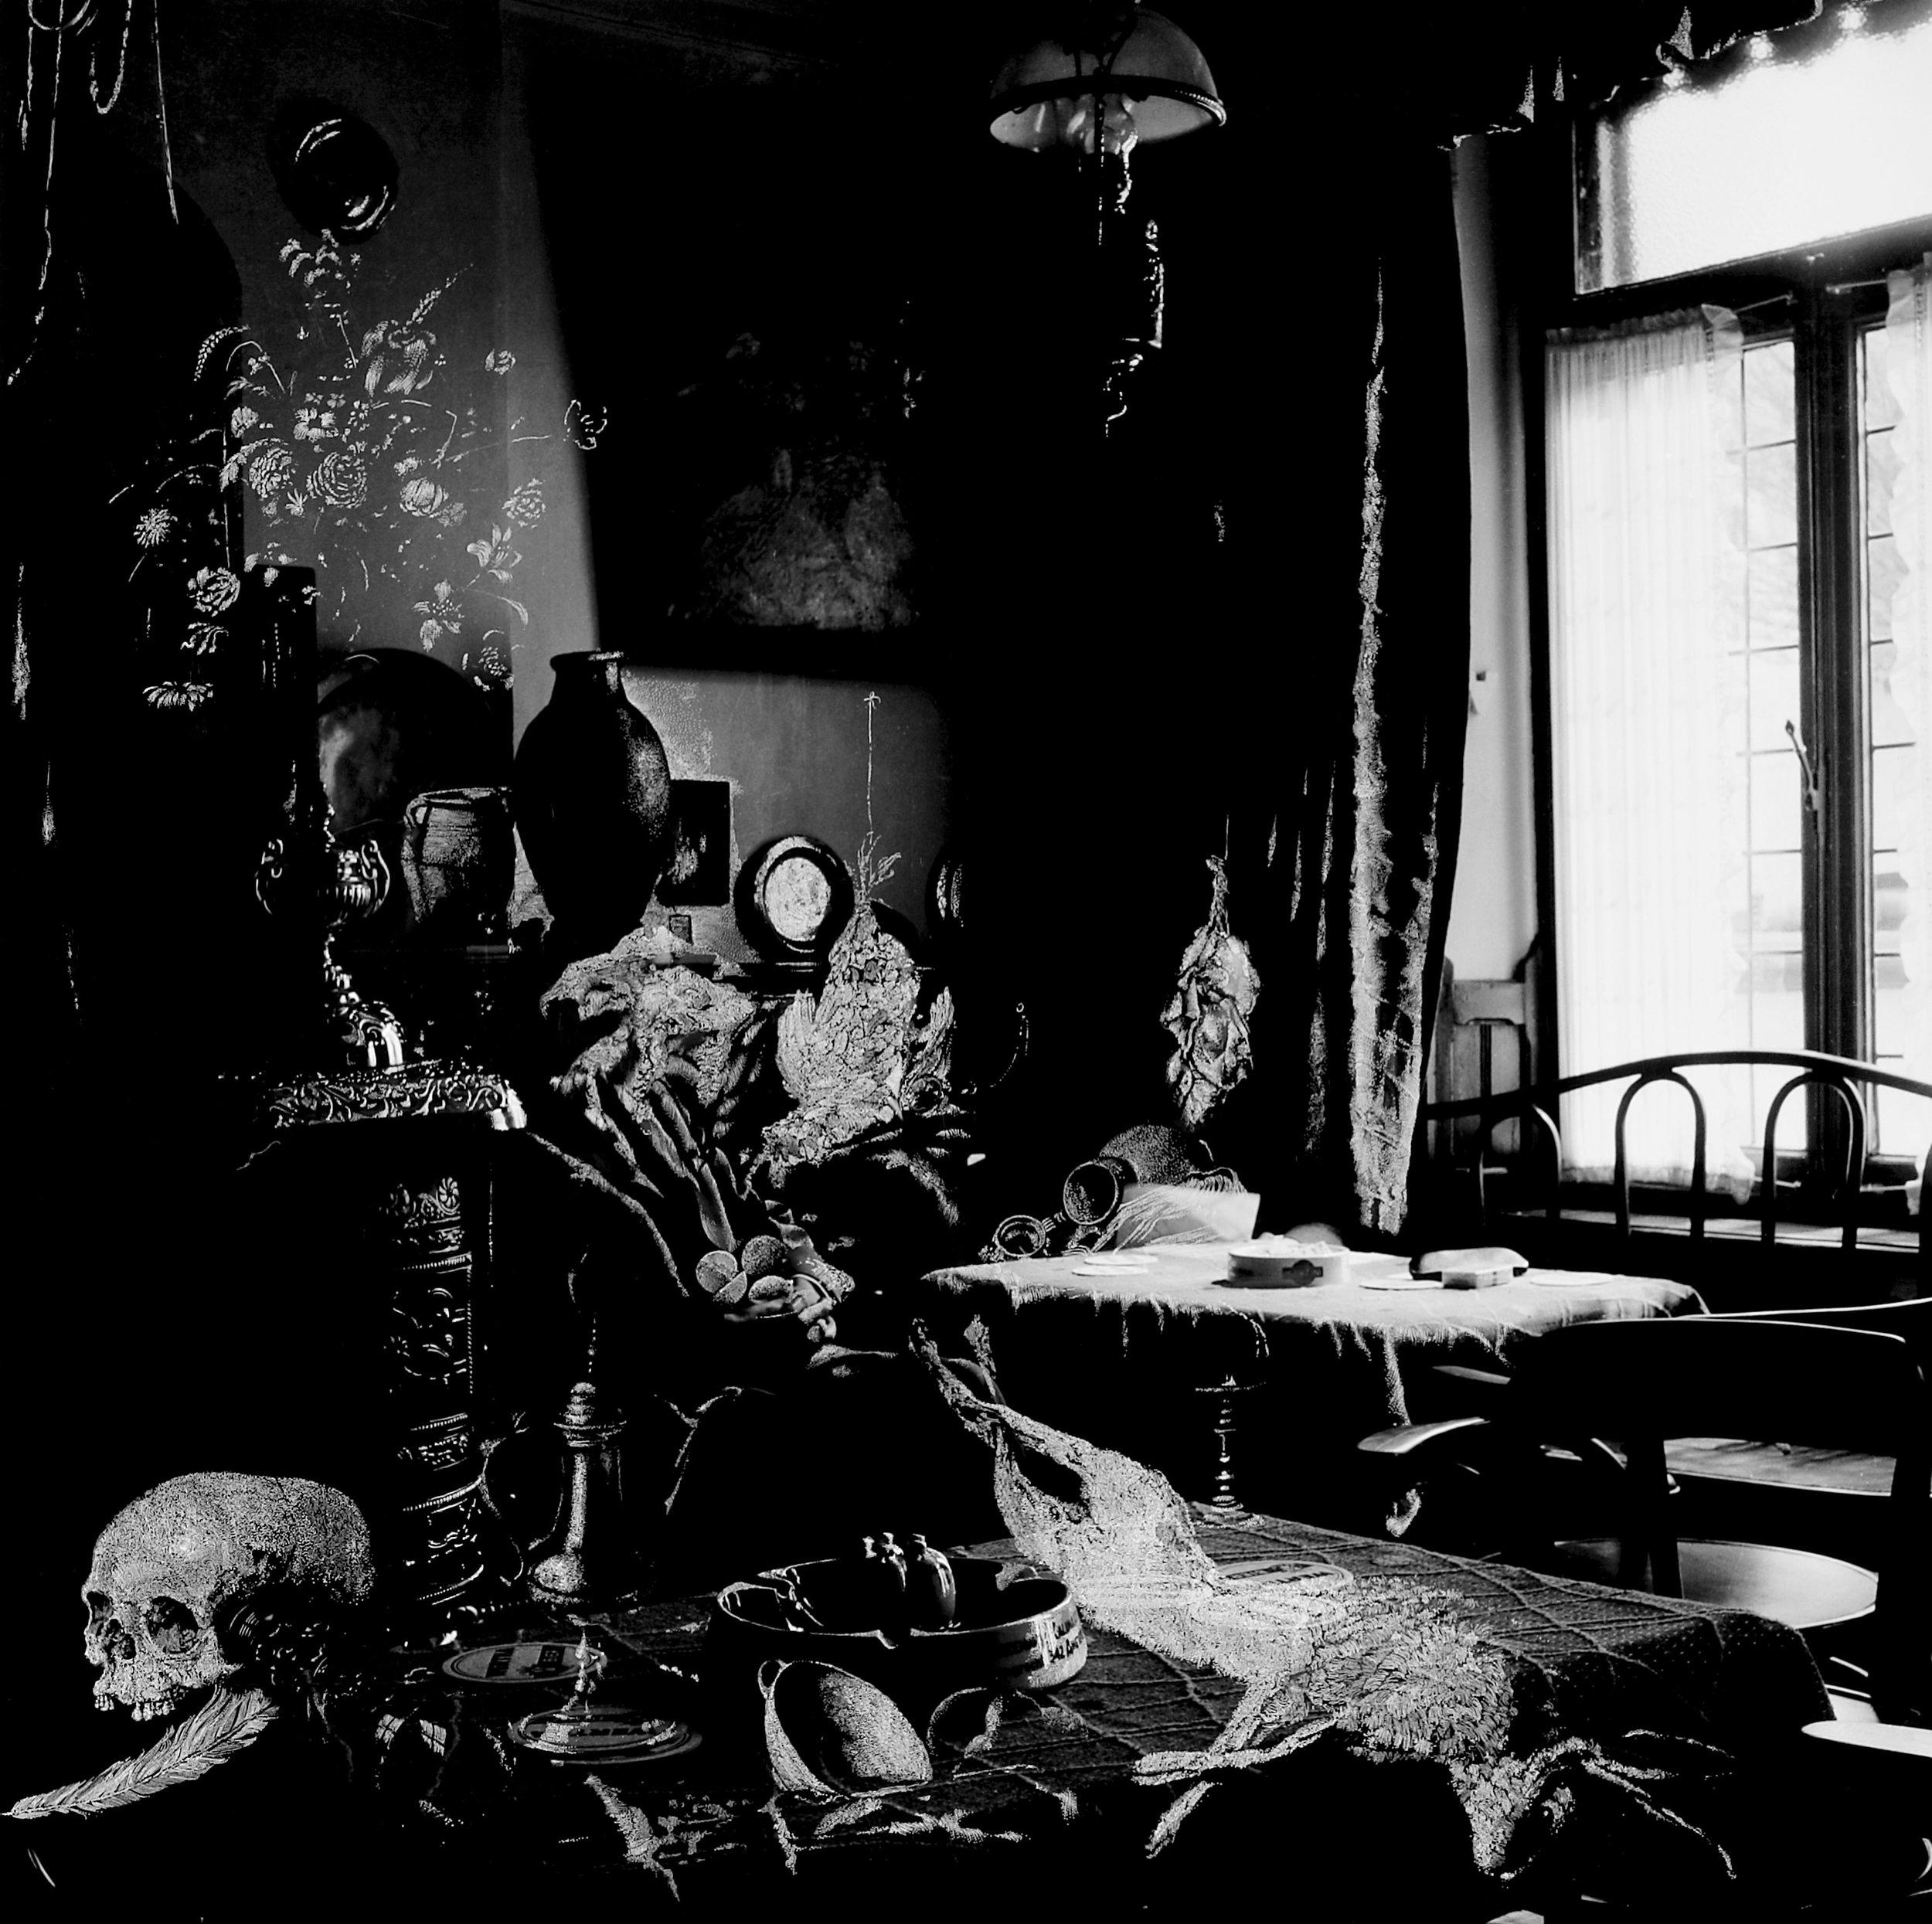 Black Interior with Still Life - 2006.jpg